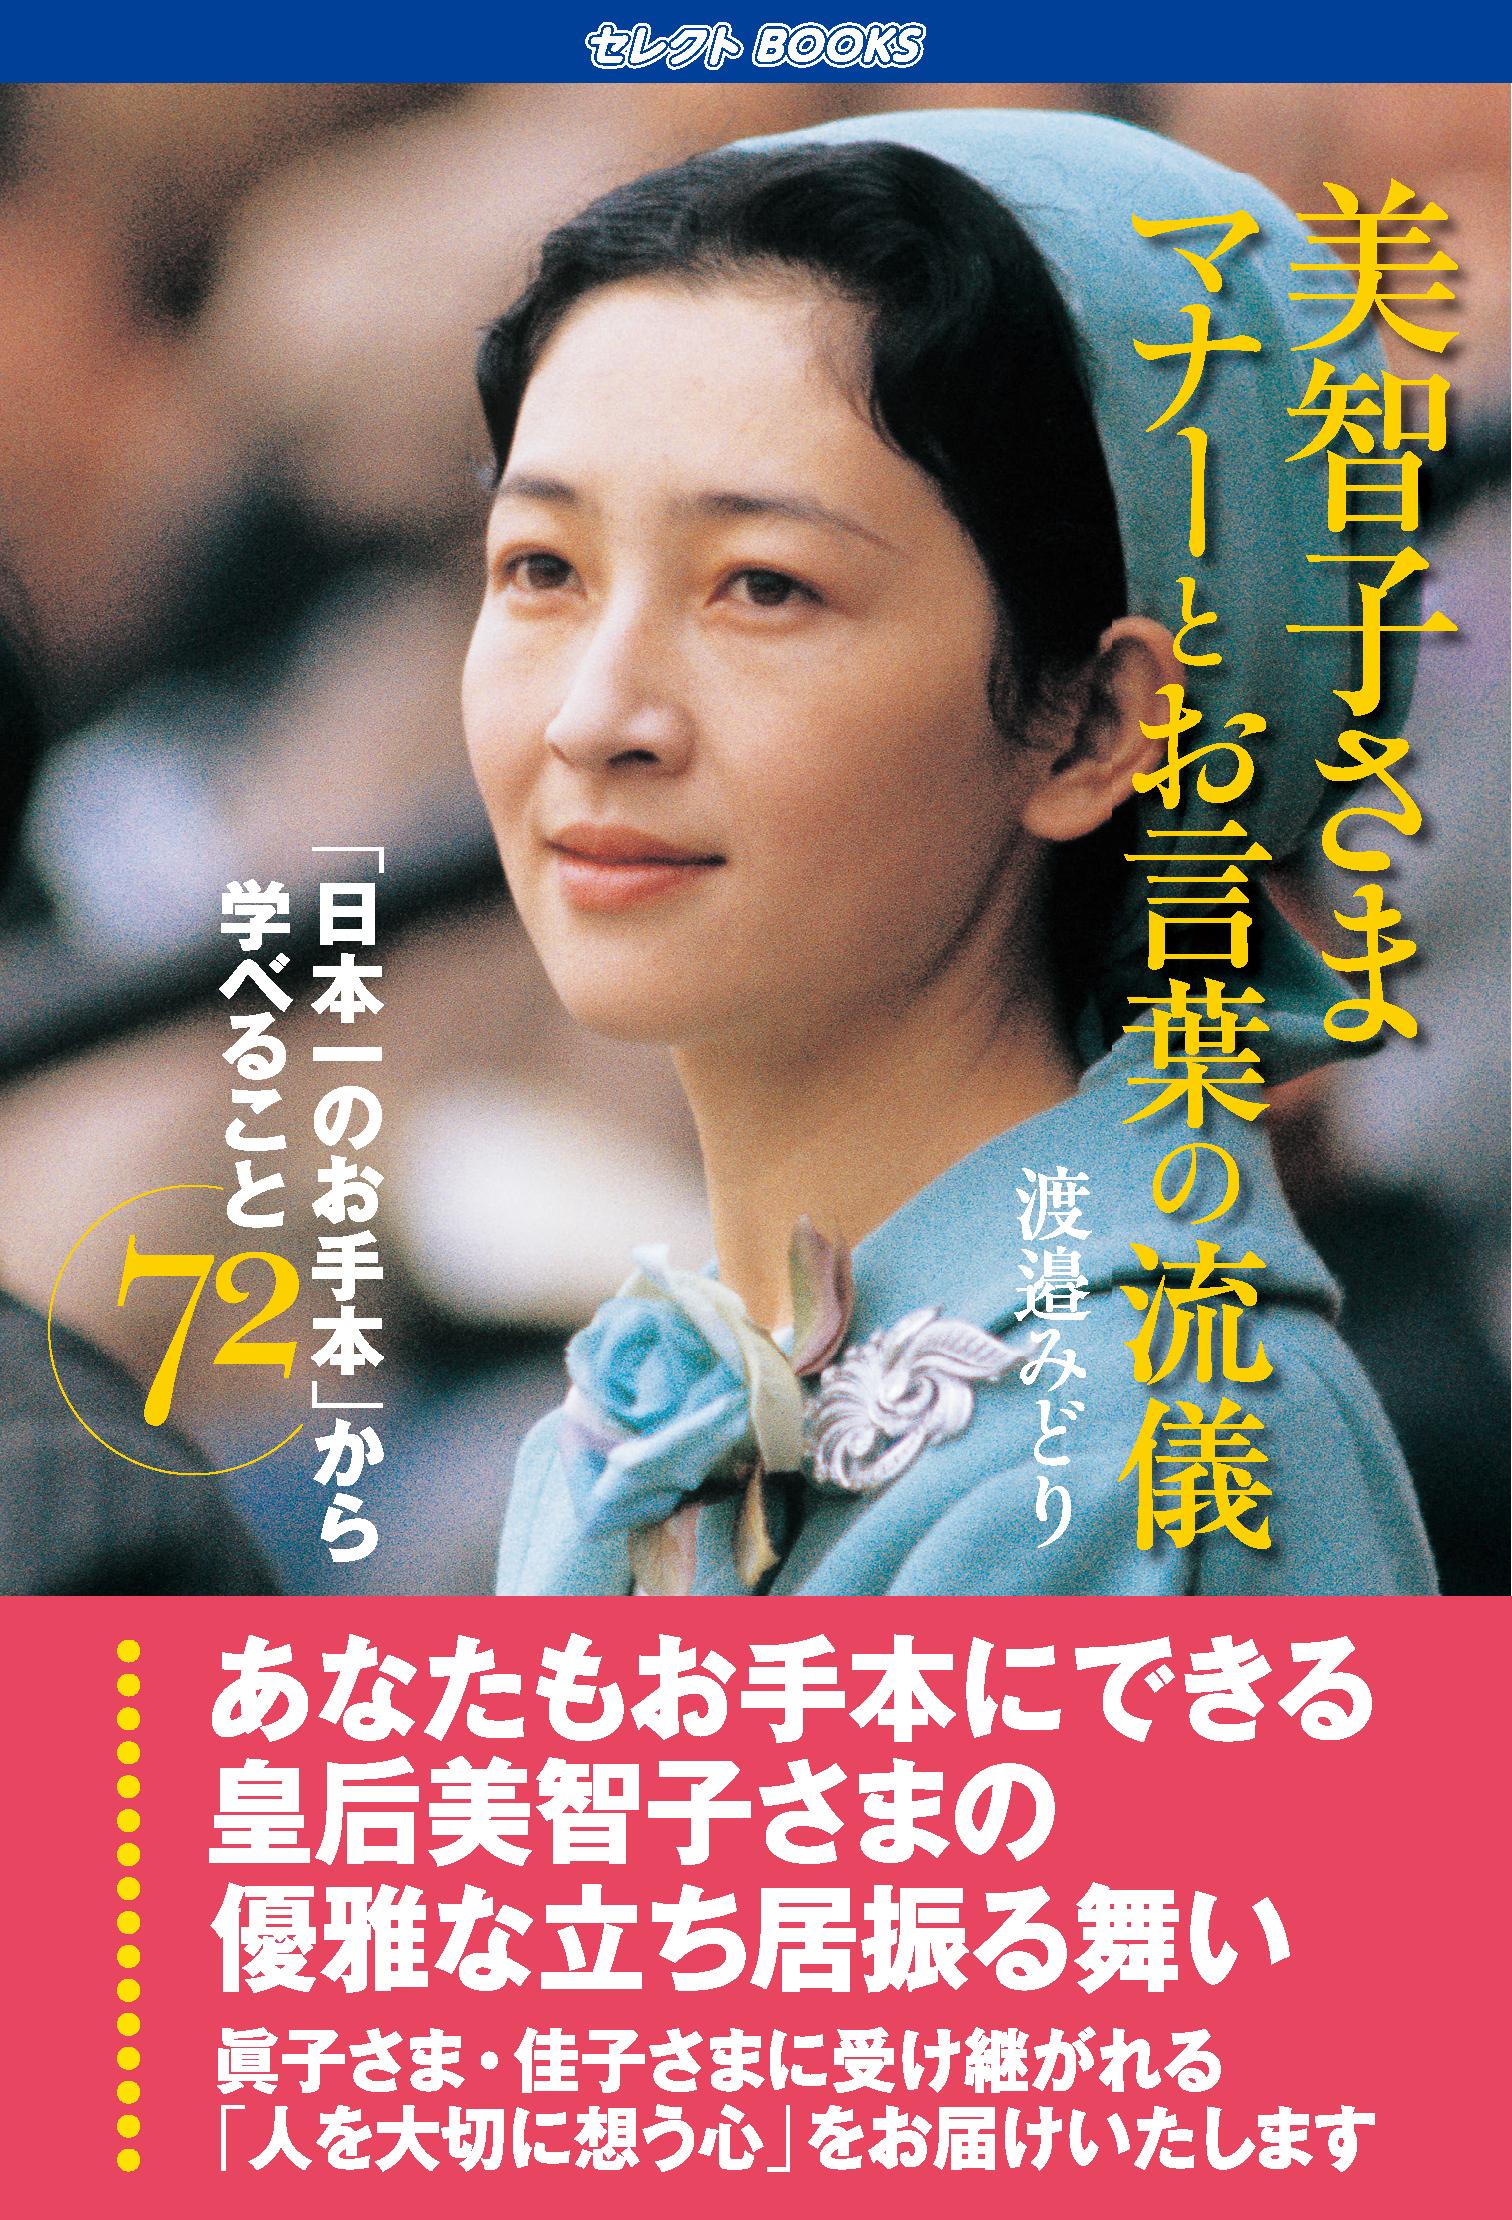 【FM】美智子さま マナーとお言葉の流儀(書影)